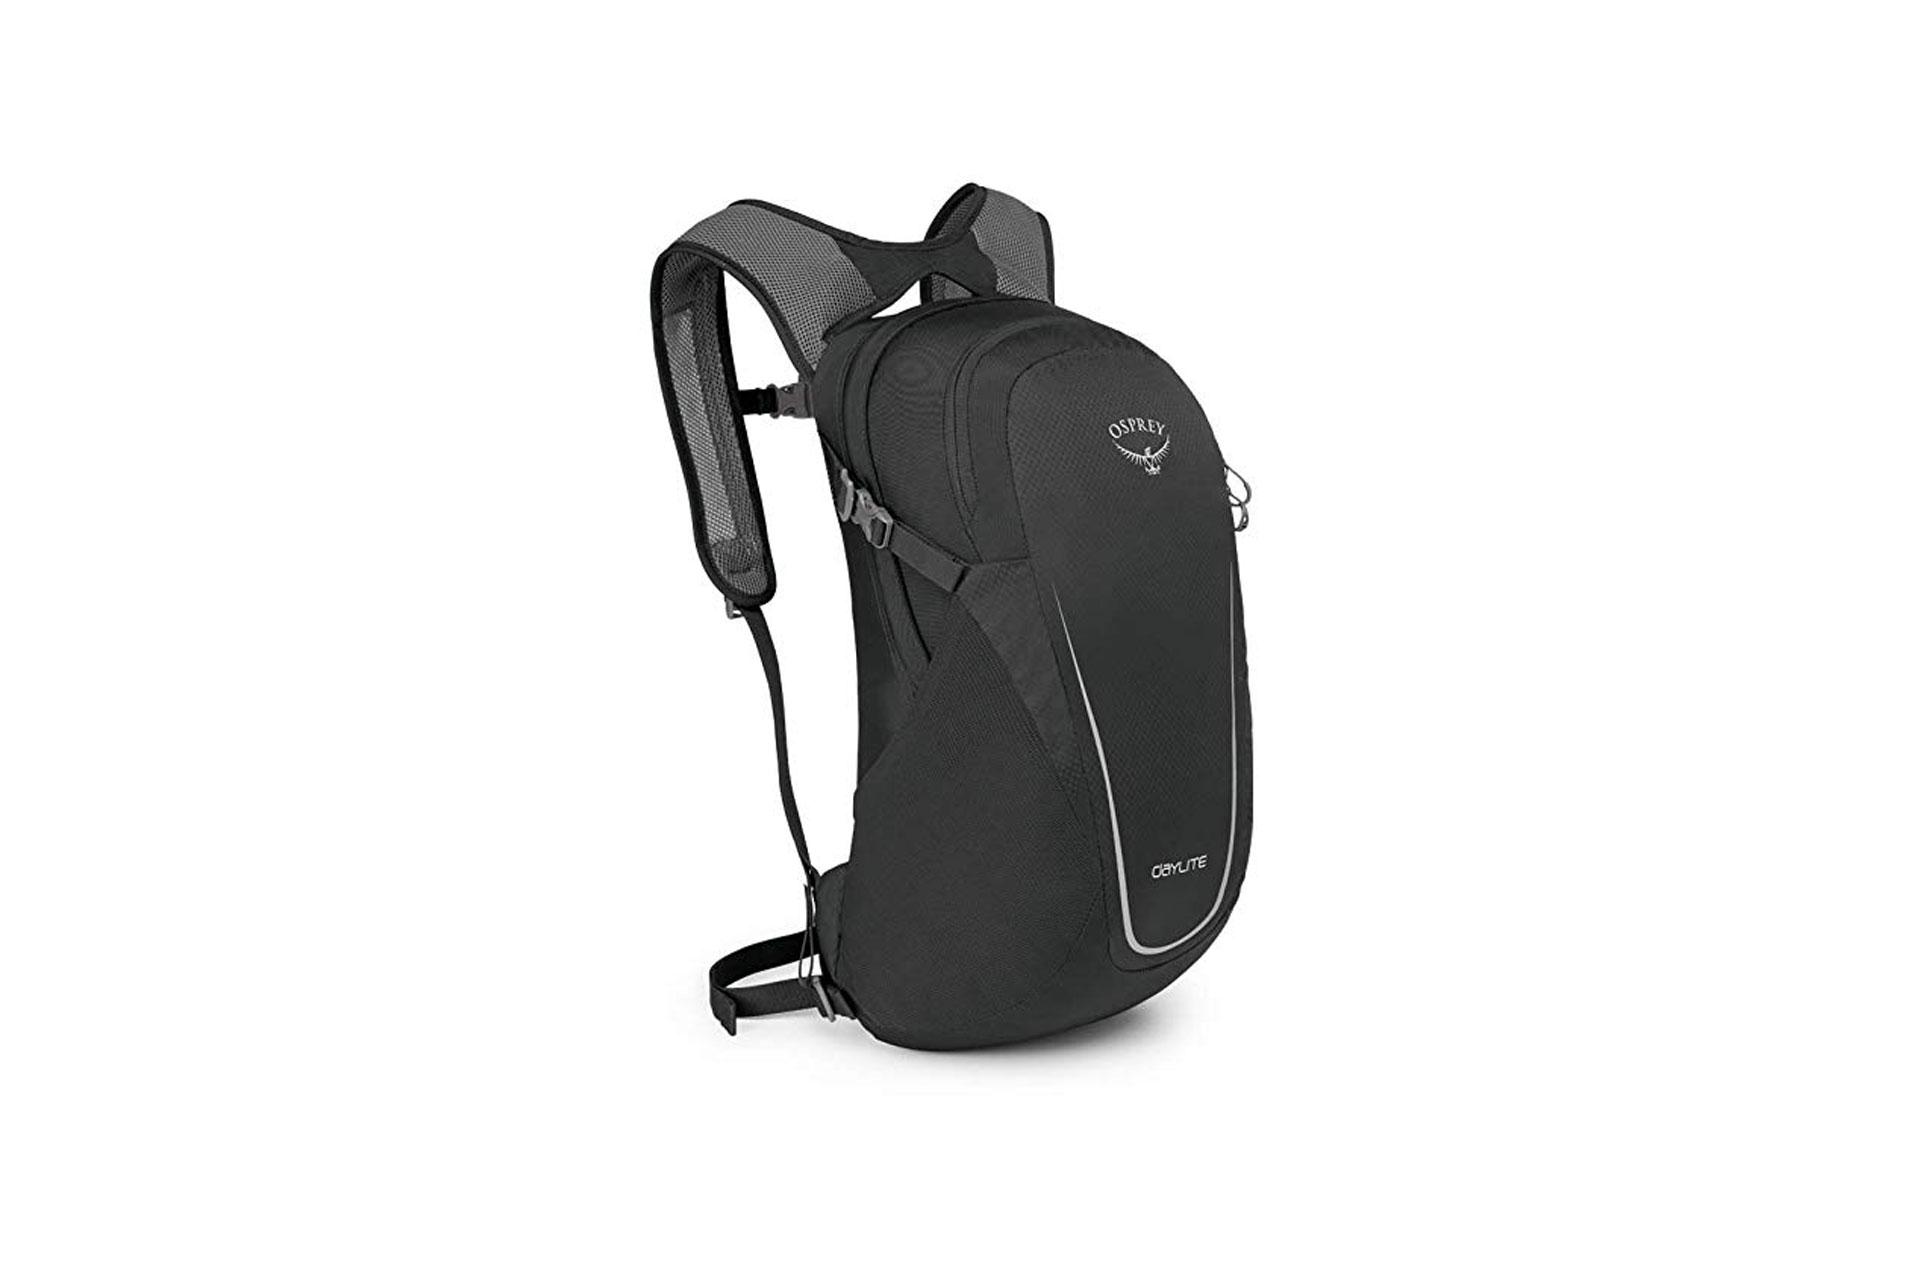 Osprey Backpack; Courtesy of Amazon